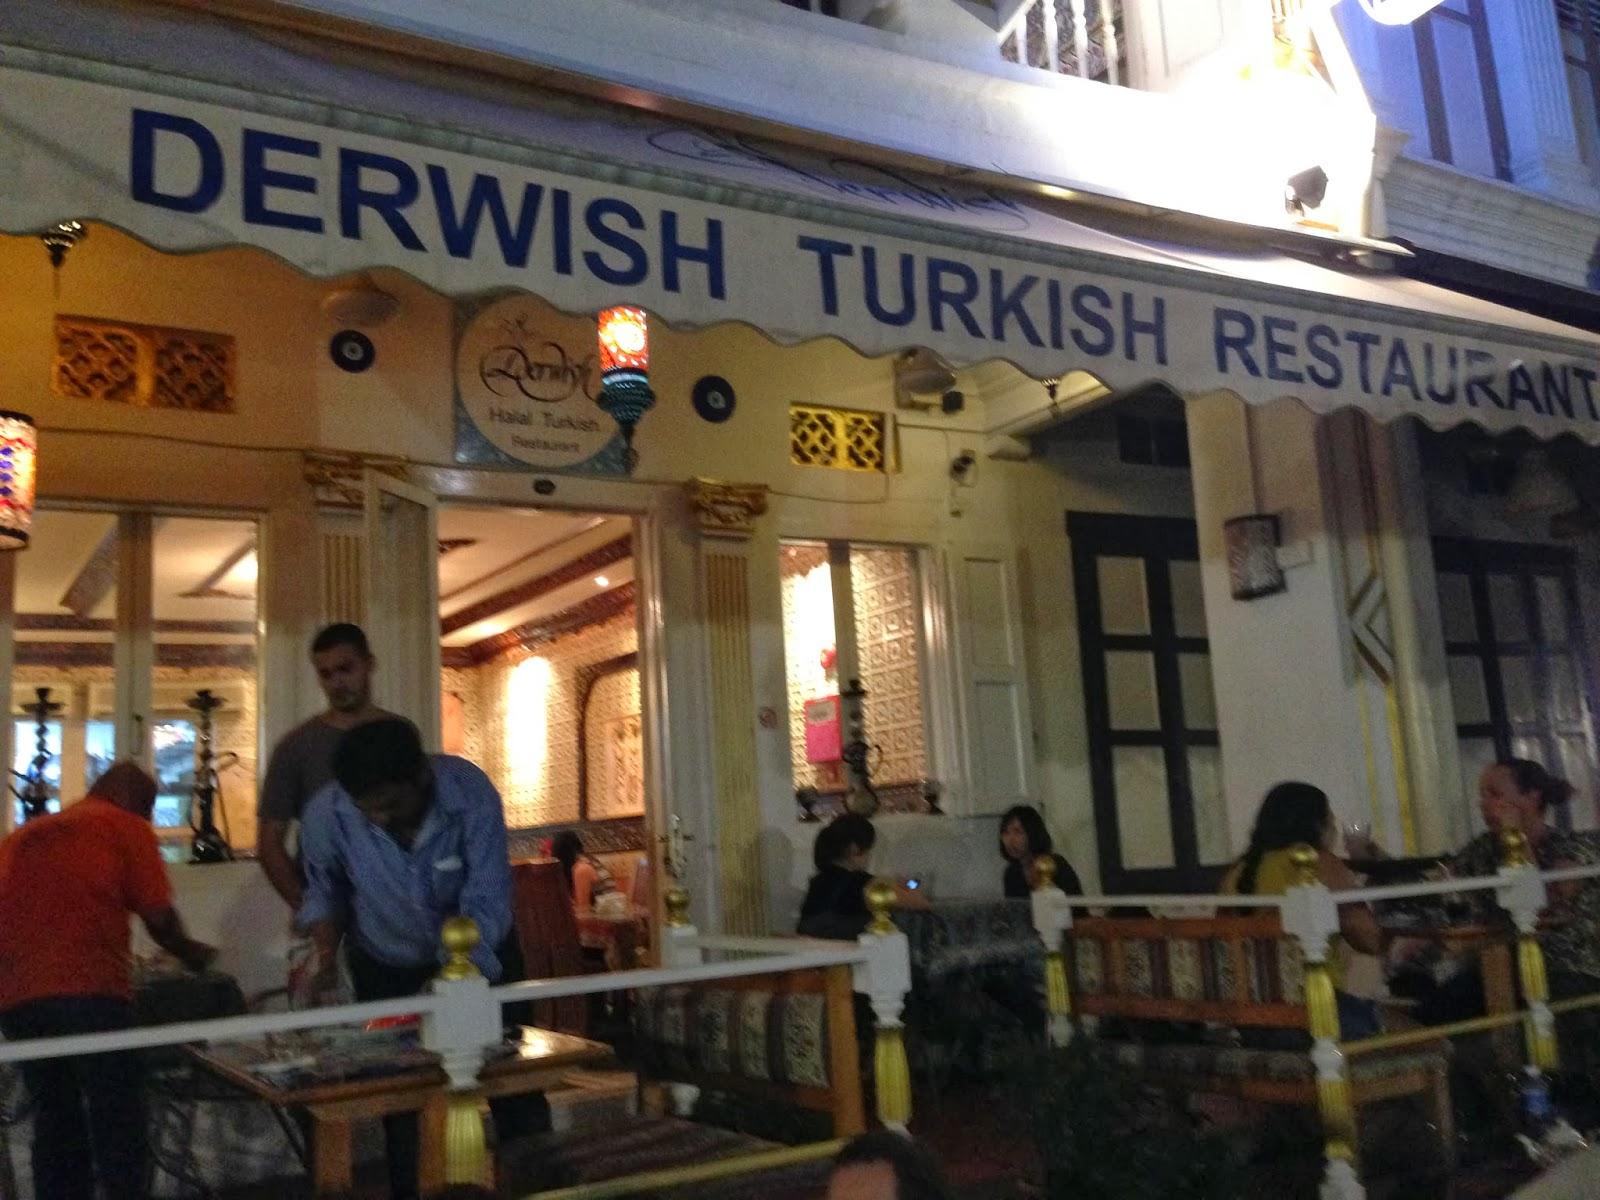 Derwish Turkish Restaurant Watford Menu